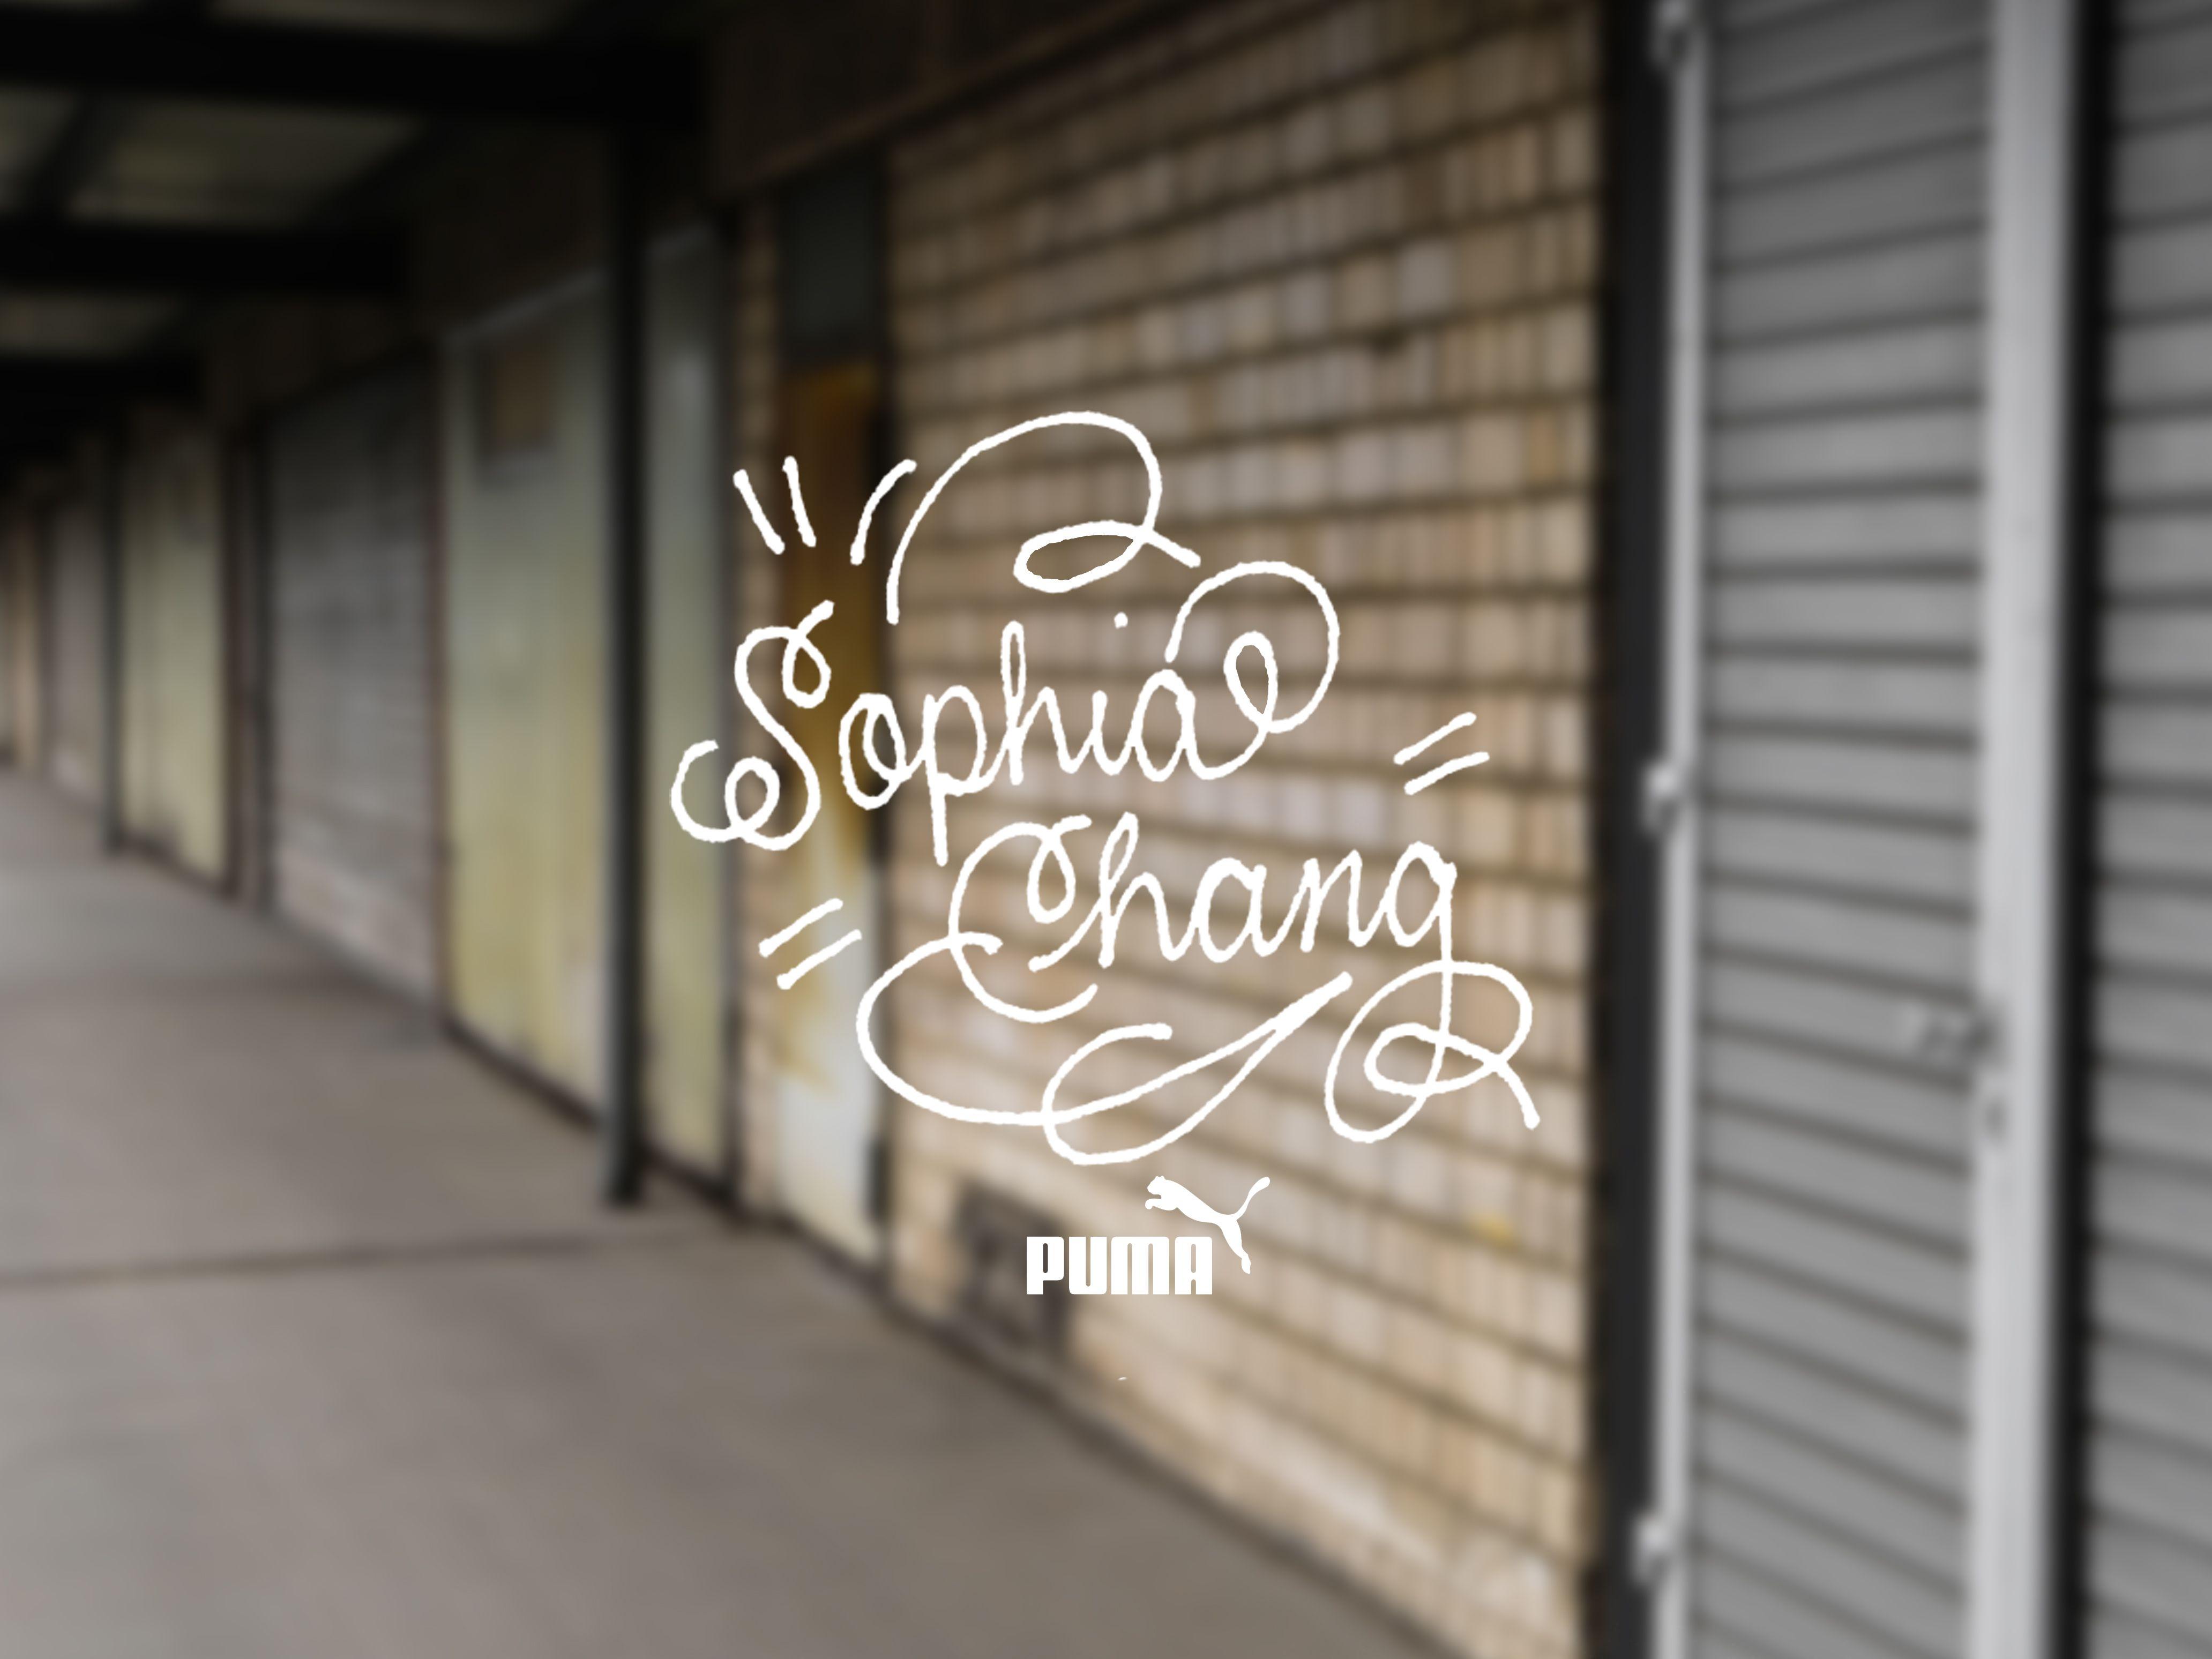 PUMA x Sophia Chang 1